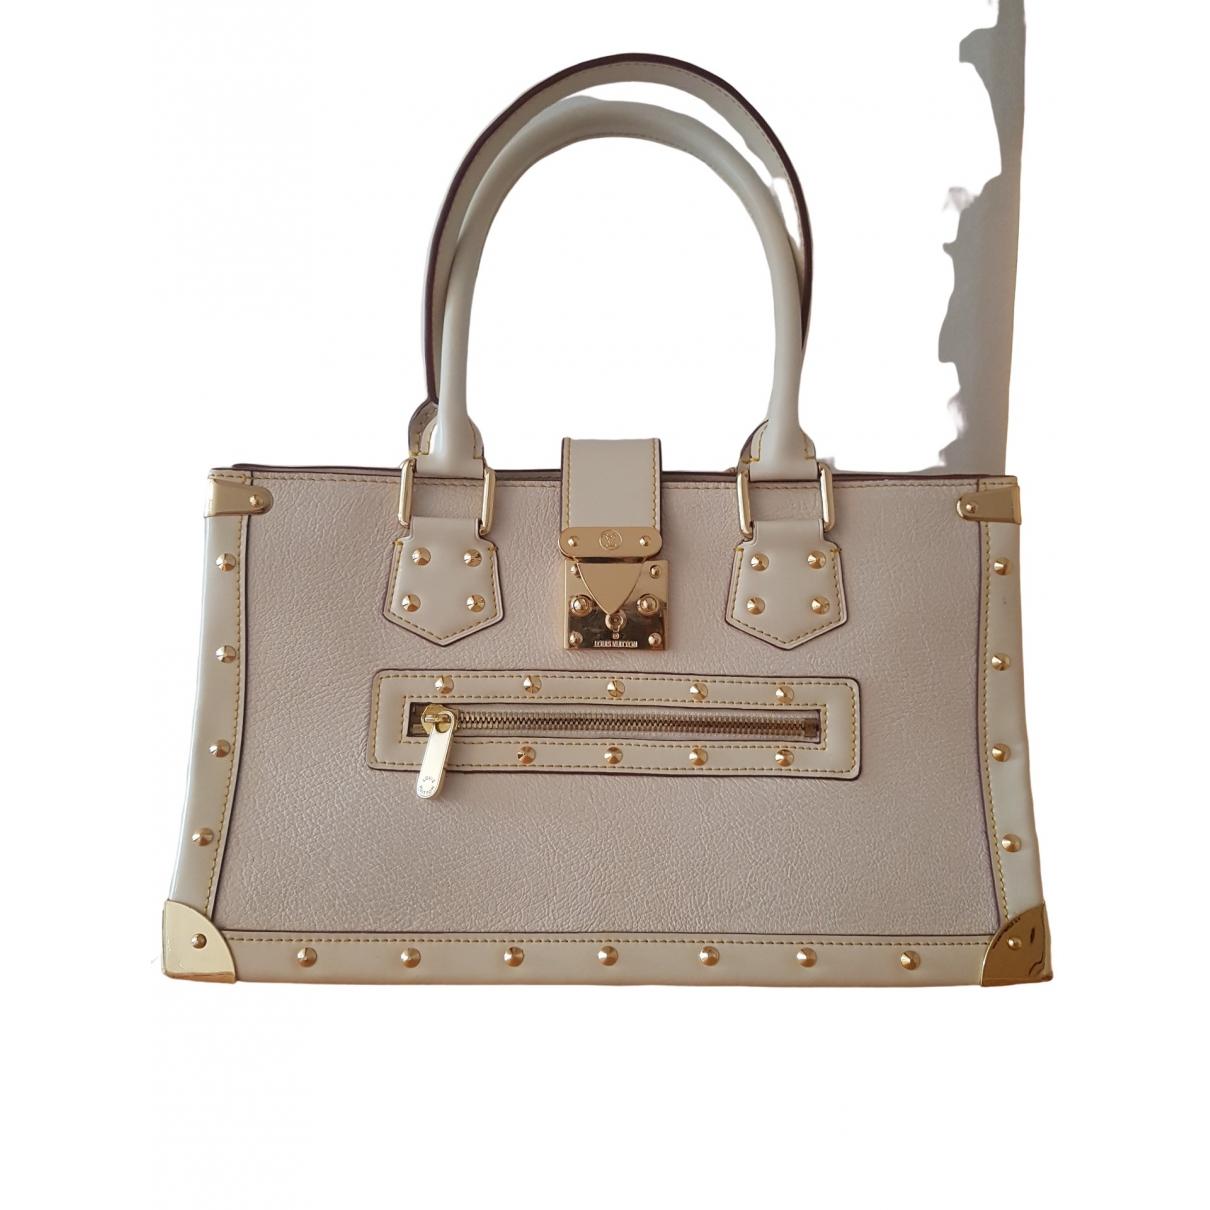 Louis Vuitton Le Fabuleux Handtasche in  Ecru Leder